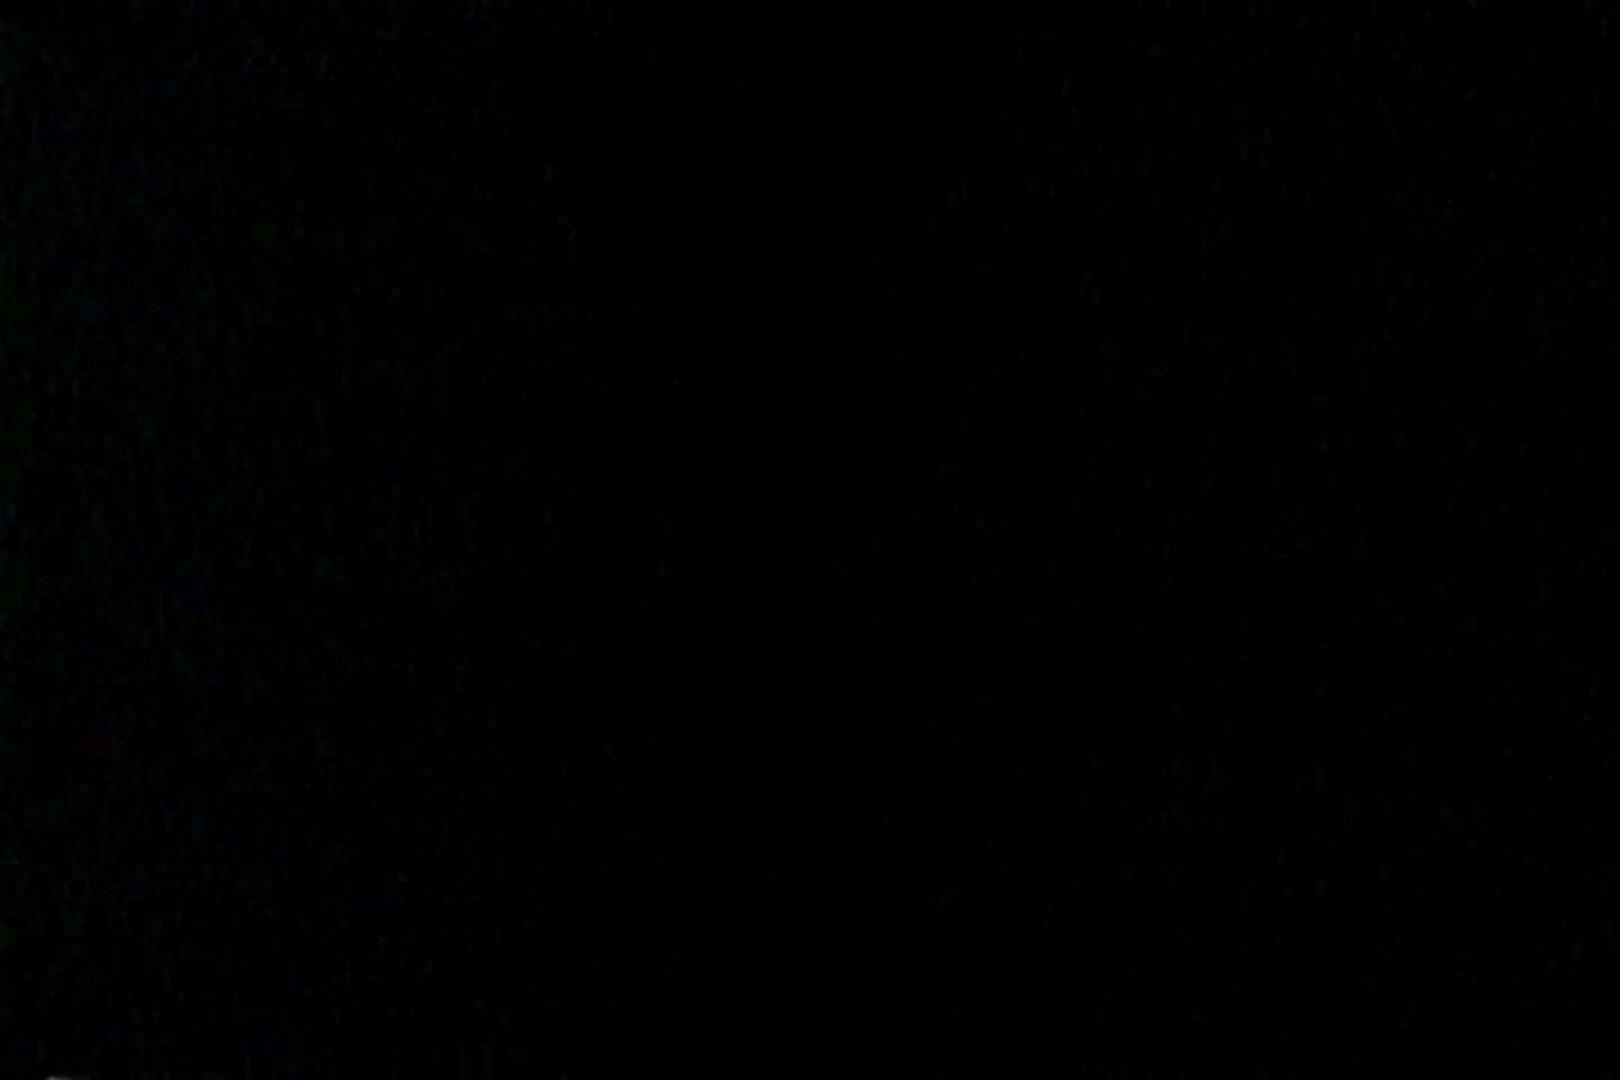 充血監督の深夜の運動会Vol.126 カップル盗撮 ワレメ動画紹介 83画像 16